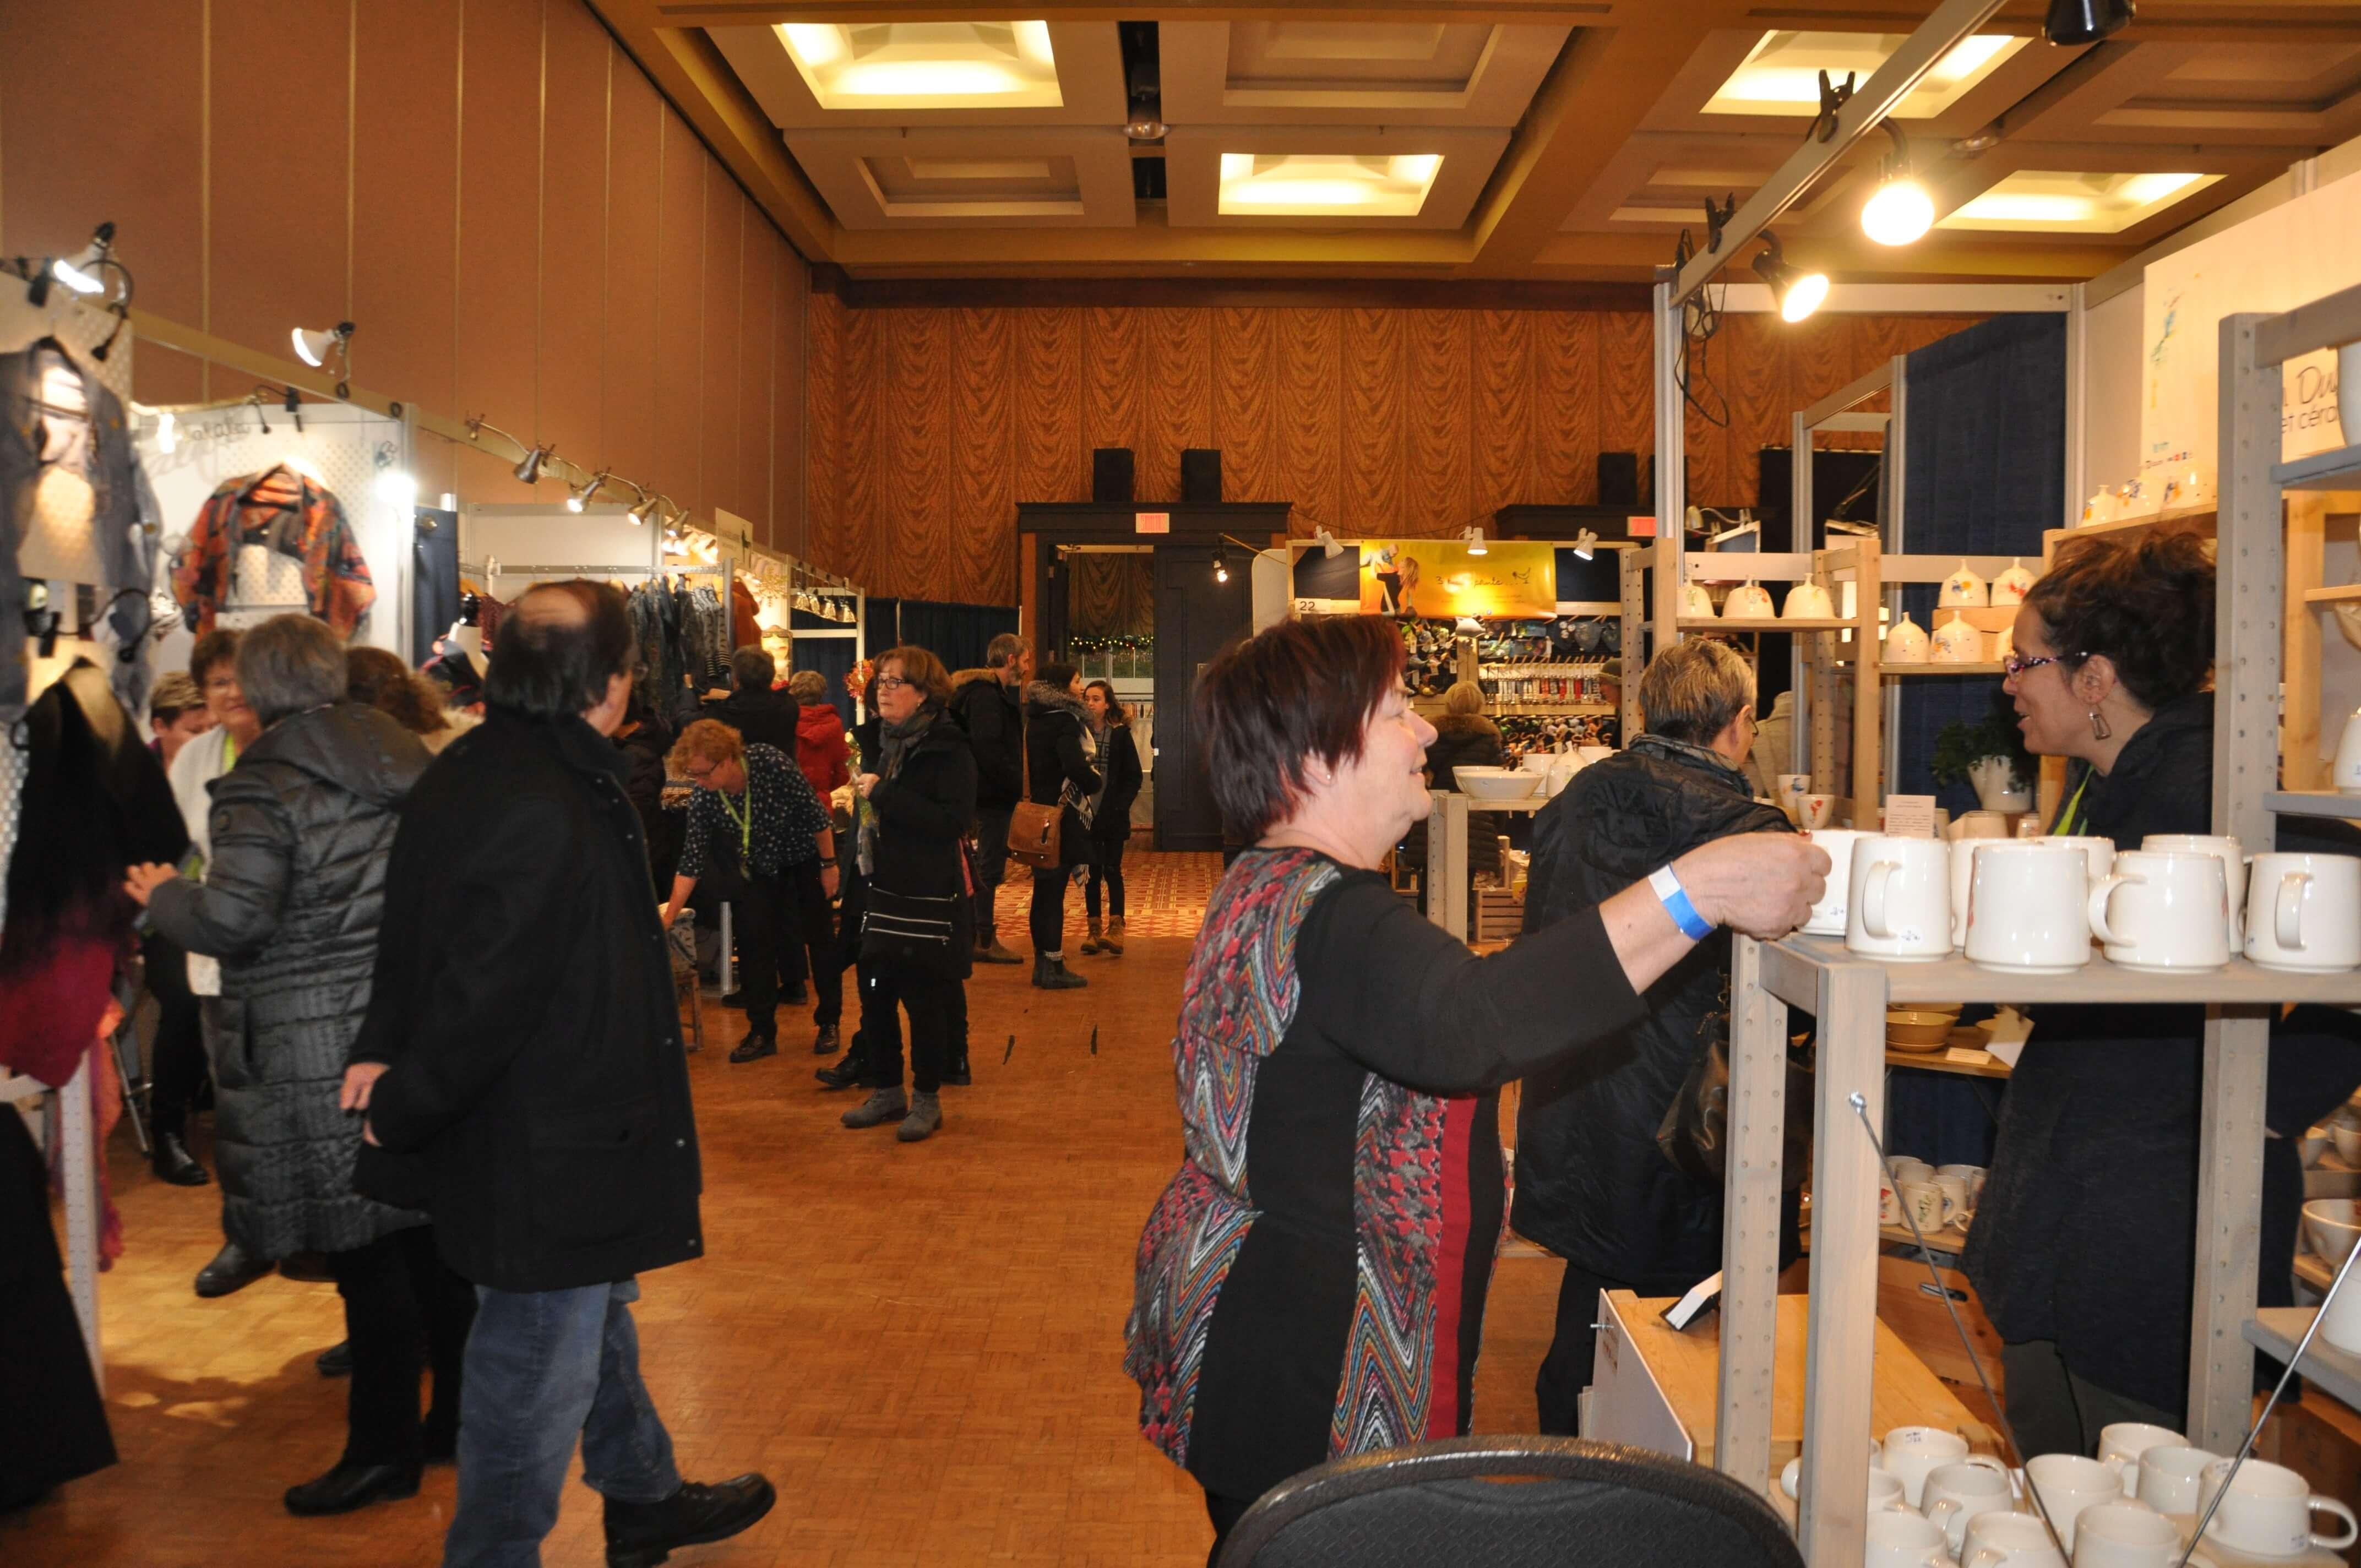 Le 19e Salon des métiers d'art du Bas-Saint-Laurent réunit 37 artisans et artistes à Rimouski.